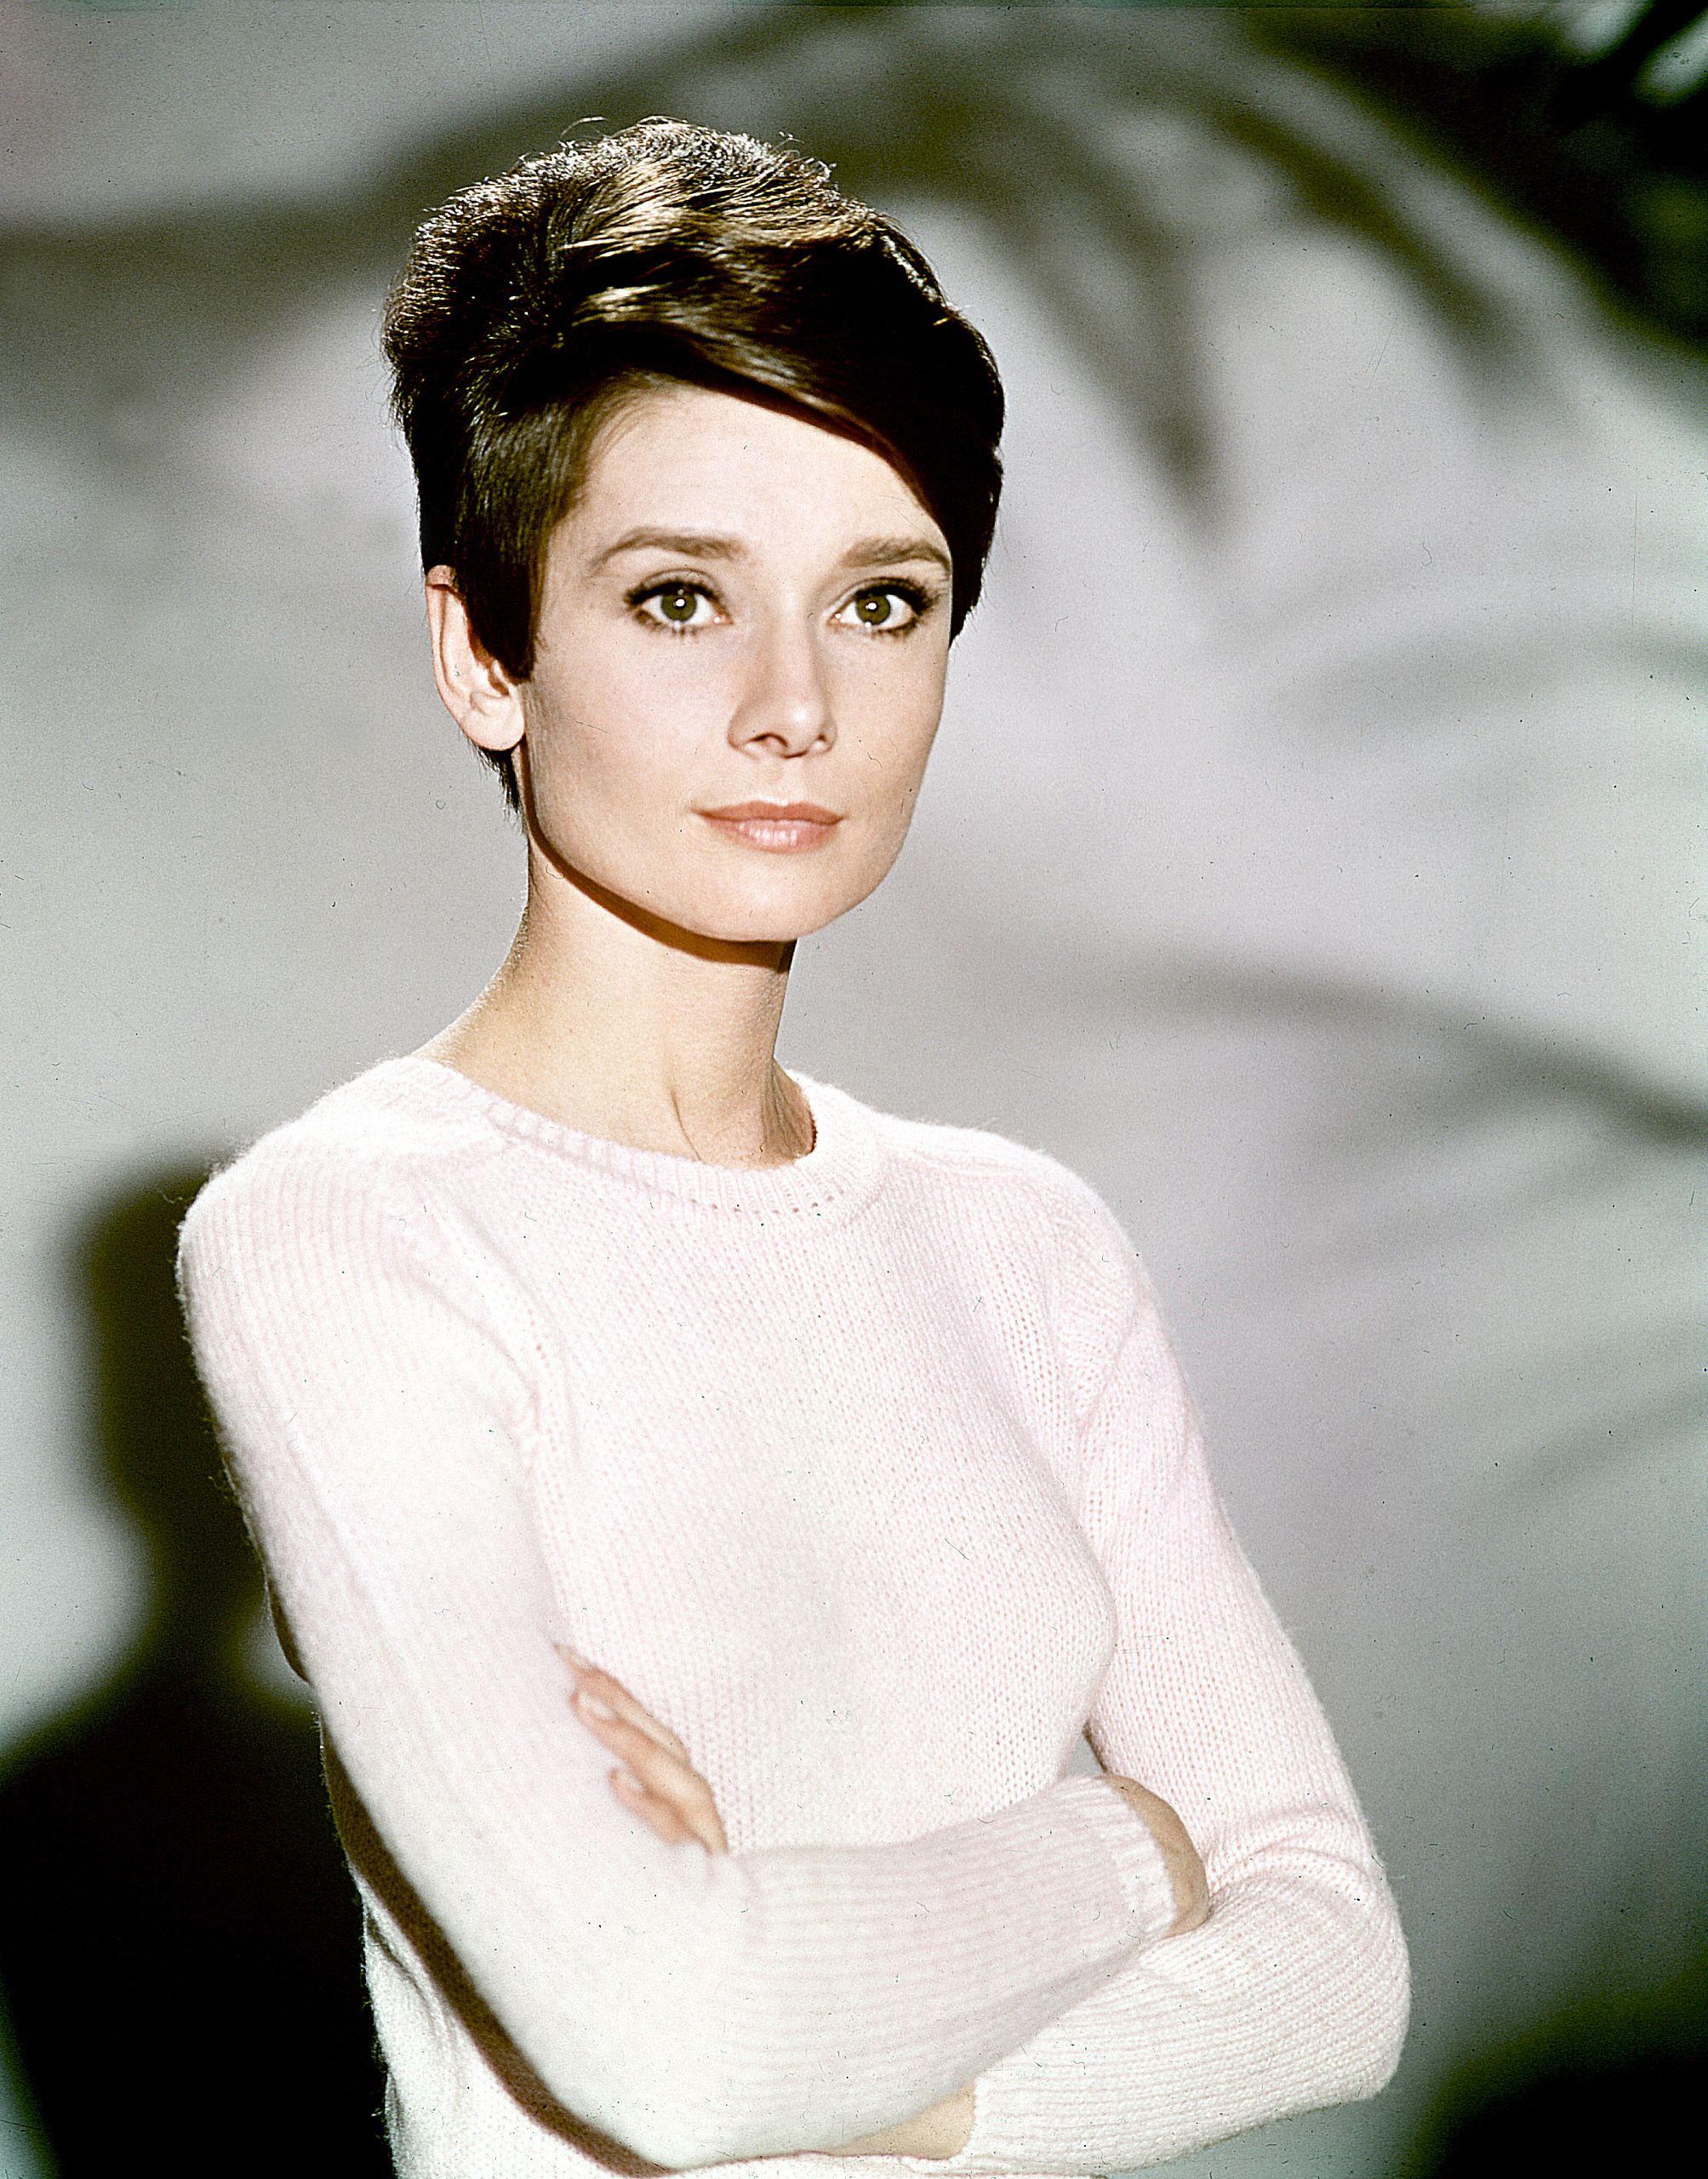 Audrey Hepburn Photo Wait Until Dark Audrey Hepburn Pixie Audrey Hepburn Photos Audrey Hepburn